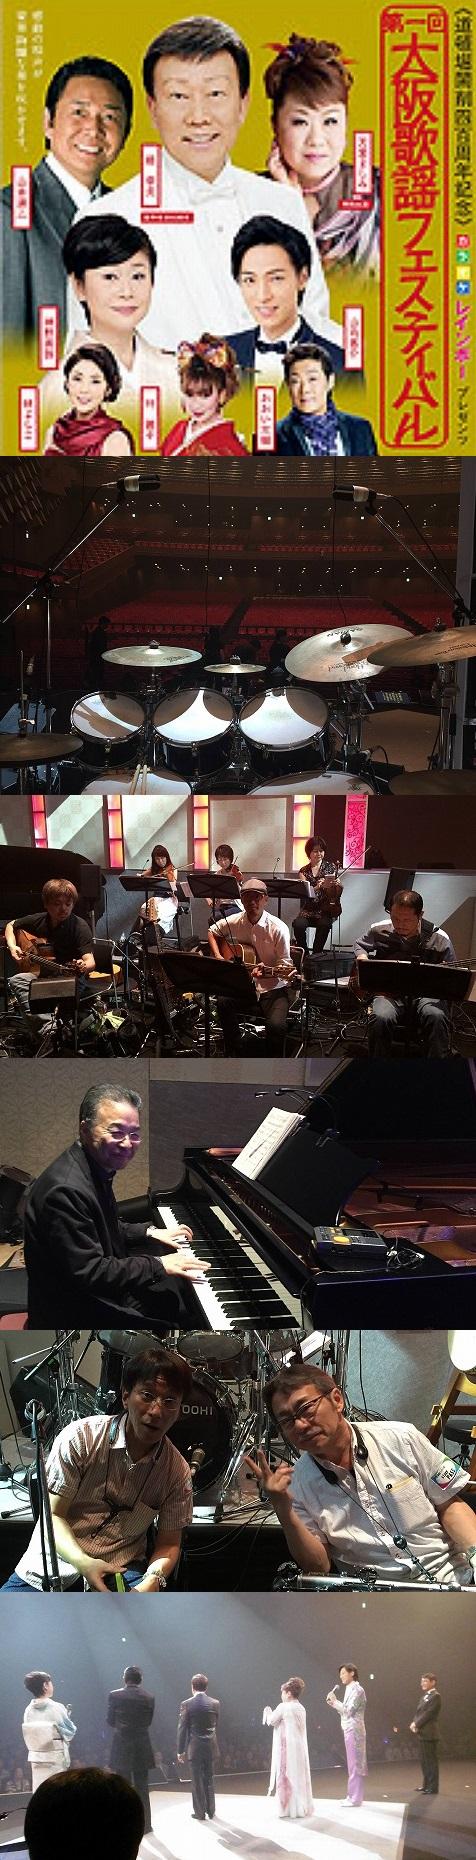 20150601_02大阪歌謡フェスティバル